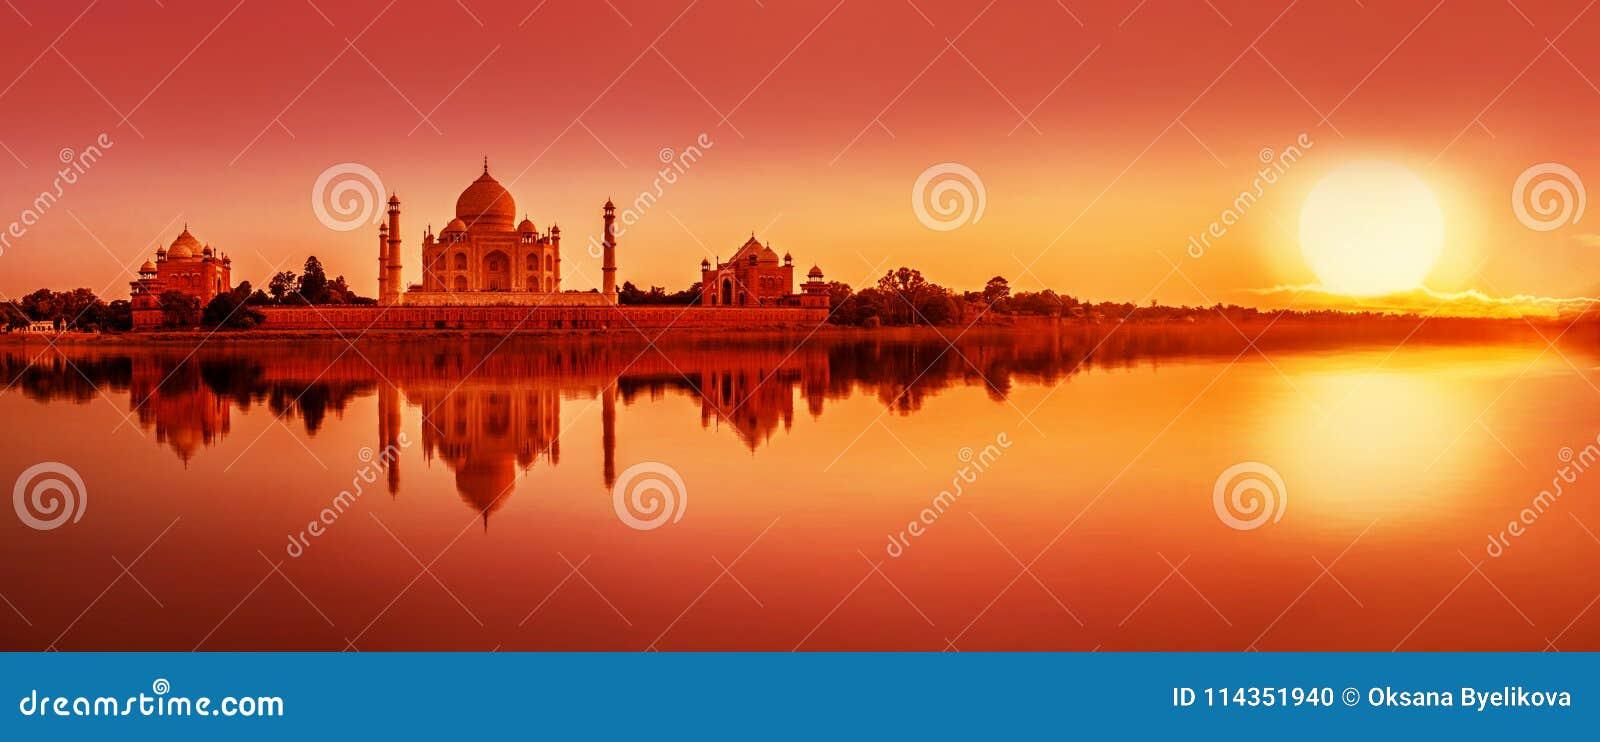 Taj Mahal durante o por do sol em Agra, Índia